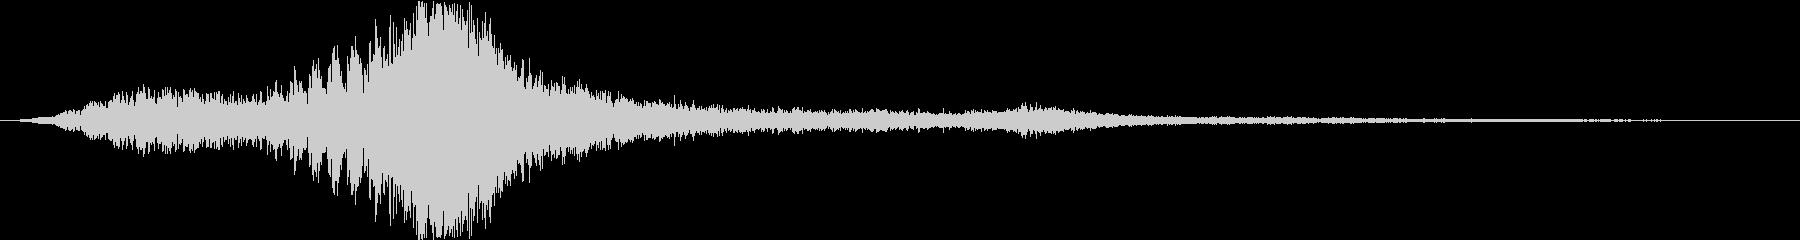 映画のタイトルロゴ(ダーク・SFホラー)の未再生の波形